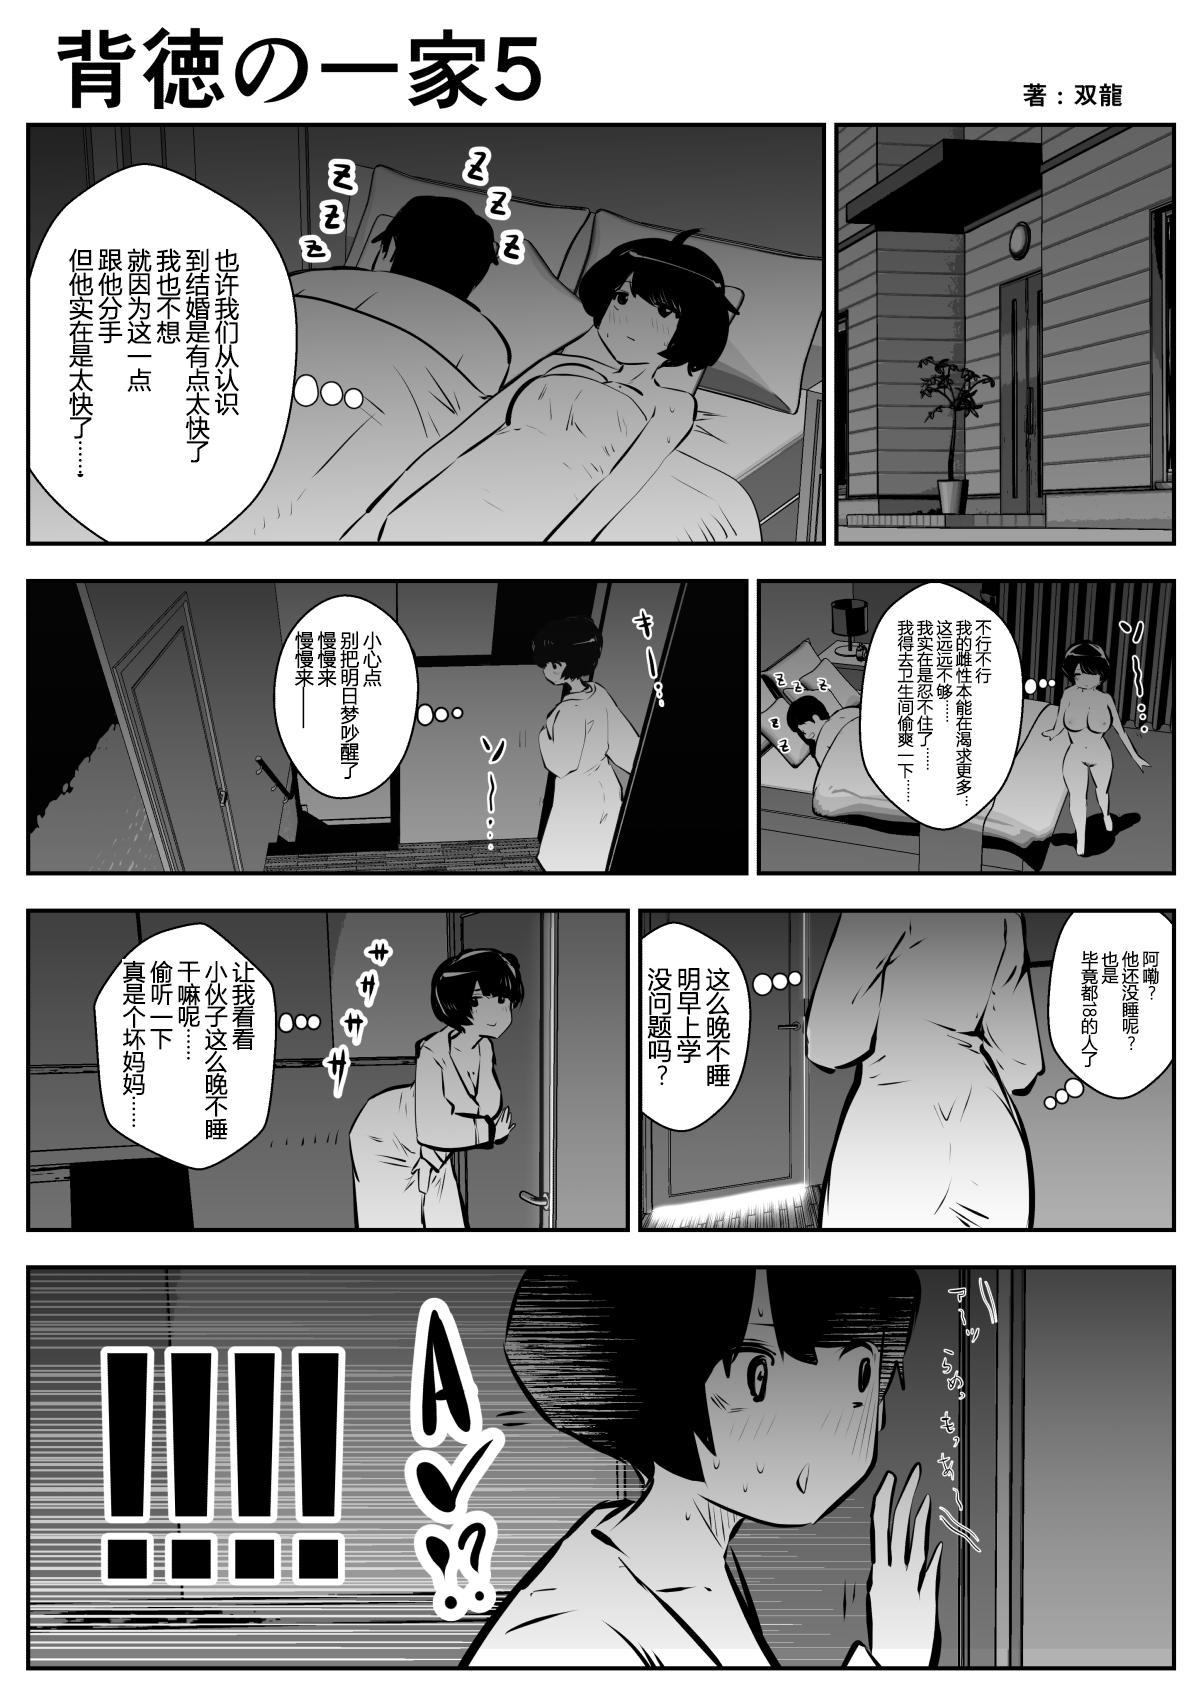 Haitoku no Ikka背德的一家 1-14 5